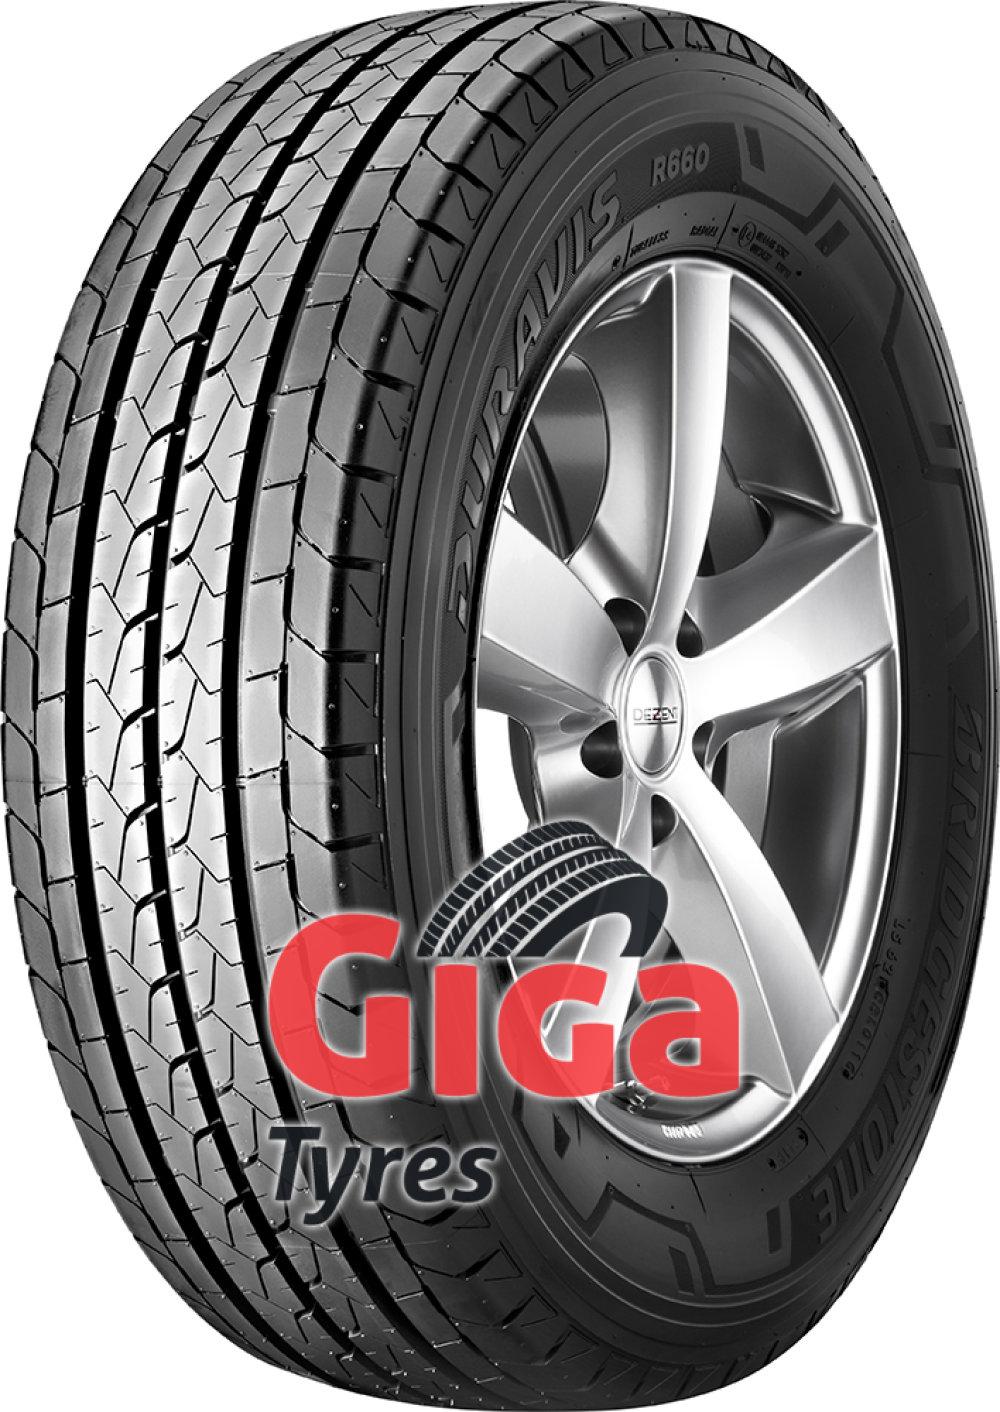 Bridgestone Duravis R660 ( 175/65 R14C 90/88T 6PR )